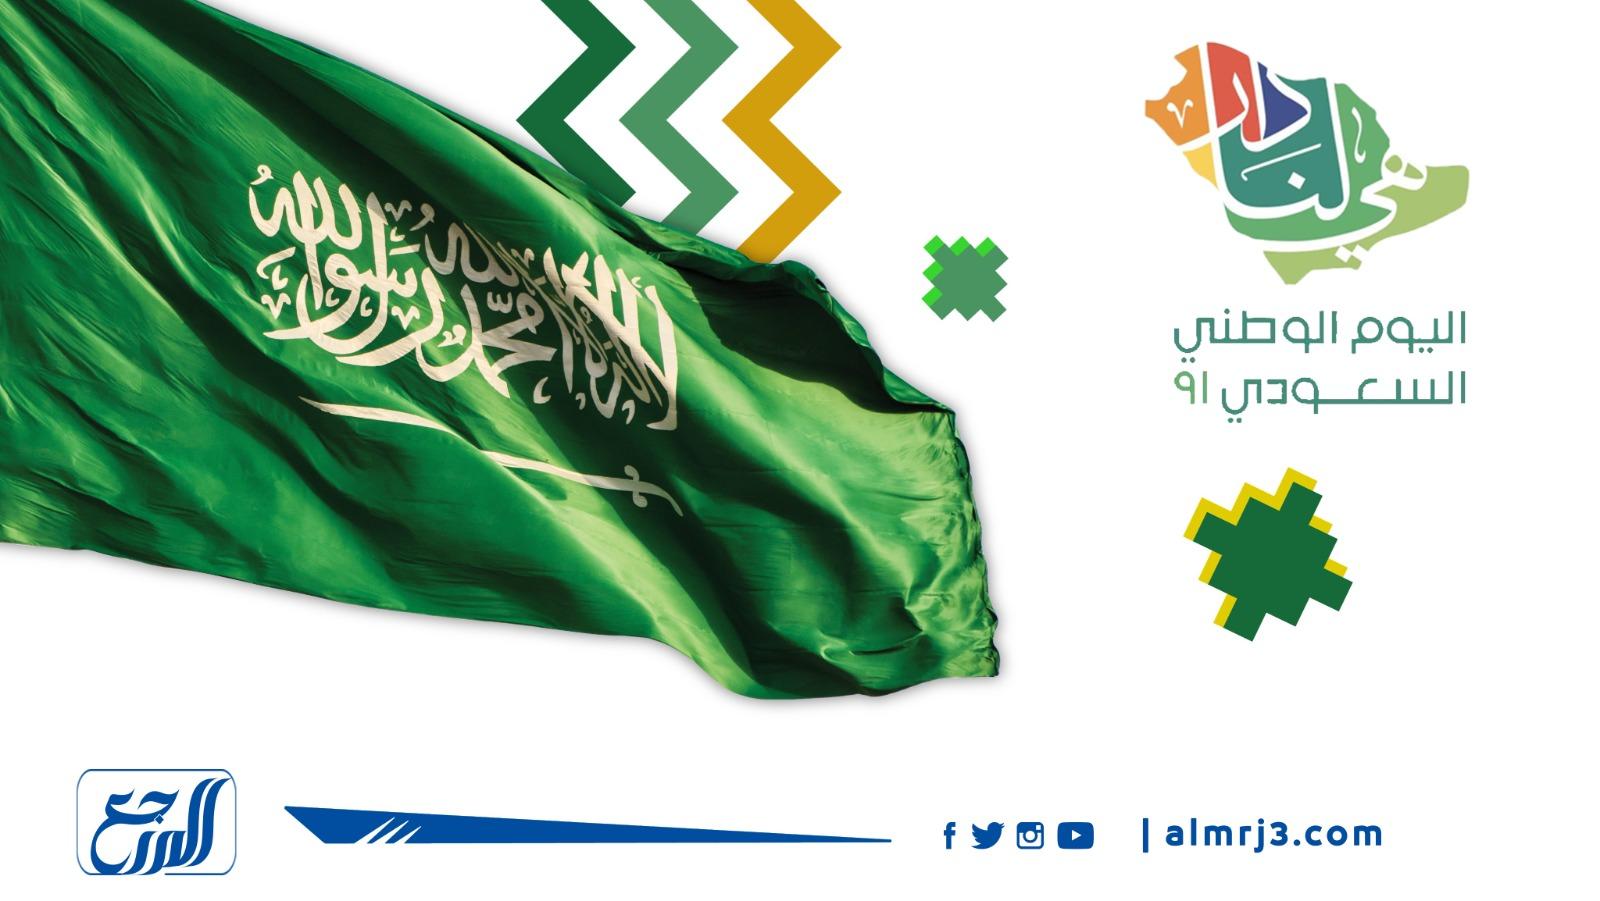 حول اليوم الوطني السعودي 1443